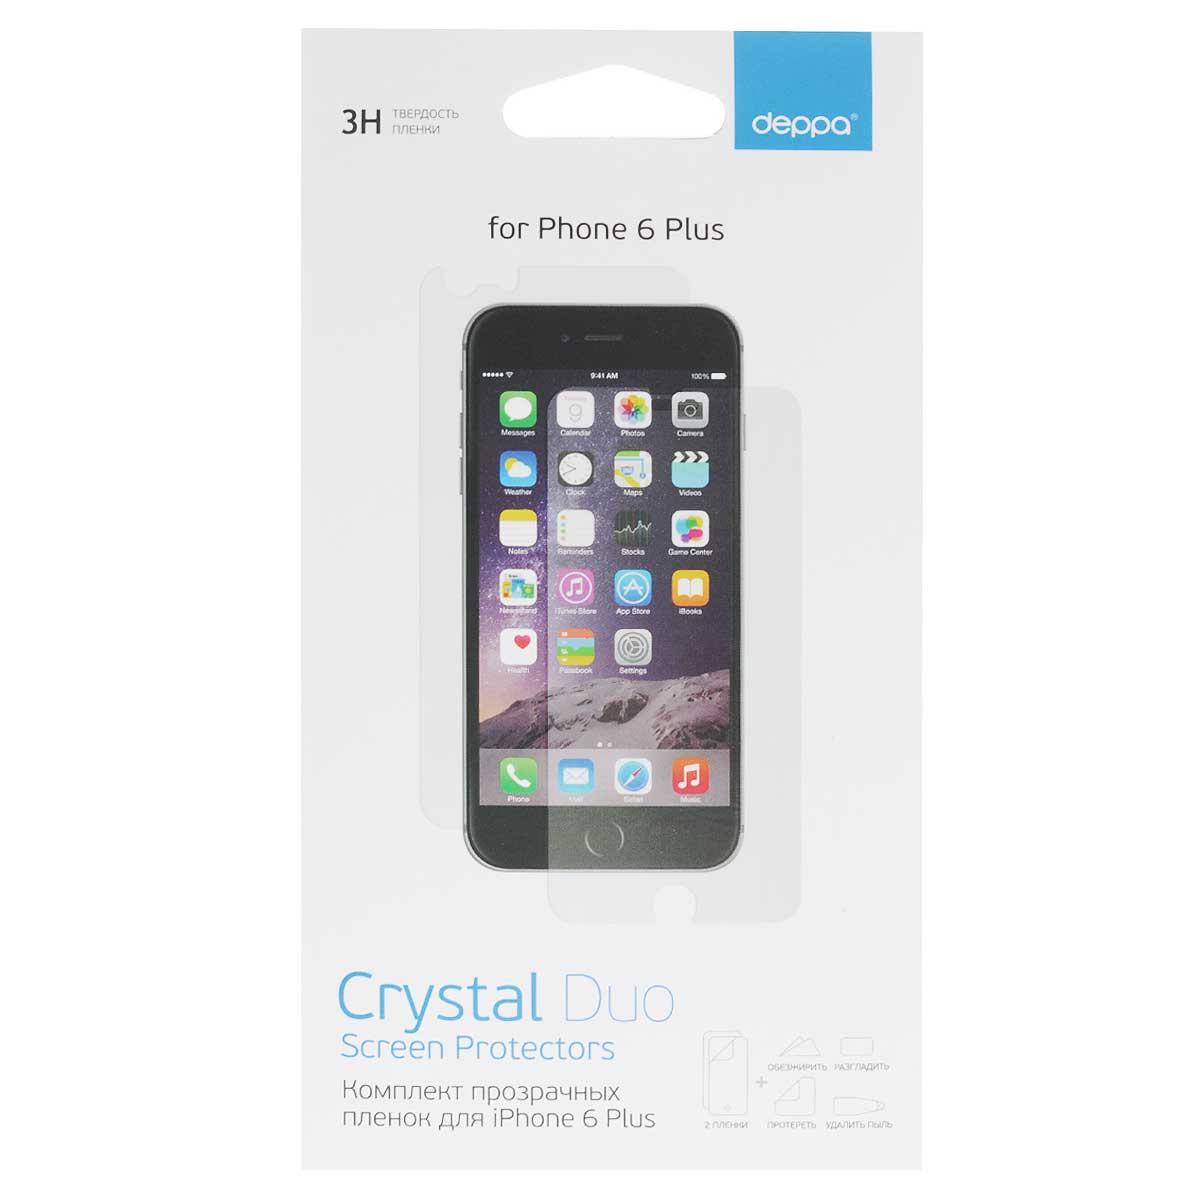 Deppa комплект защитных пленок для Apple iPhone 6 Plus, Clear61376Комплект прозрачных пленок Deppa защитит iPhone 6 Plus от царапин. Пленки изготовлены из трехслойного японского материала PET.